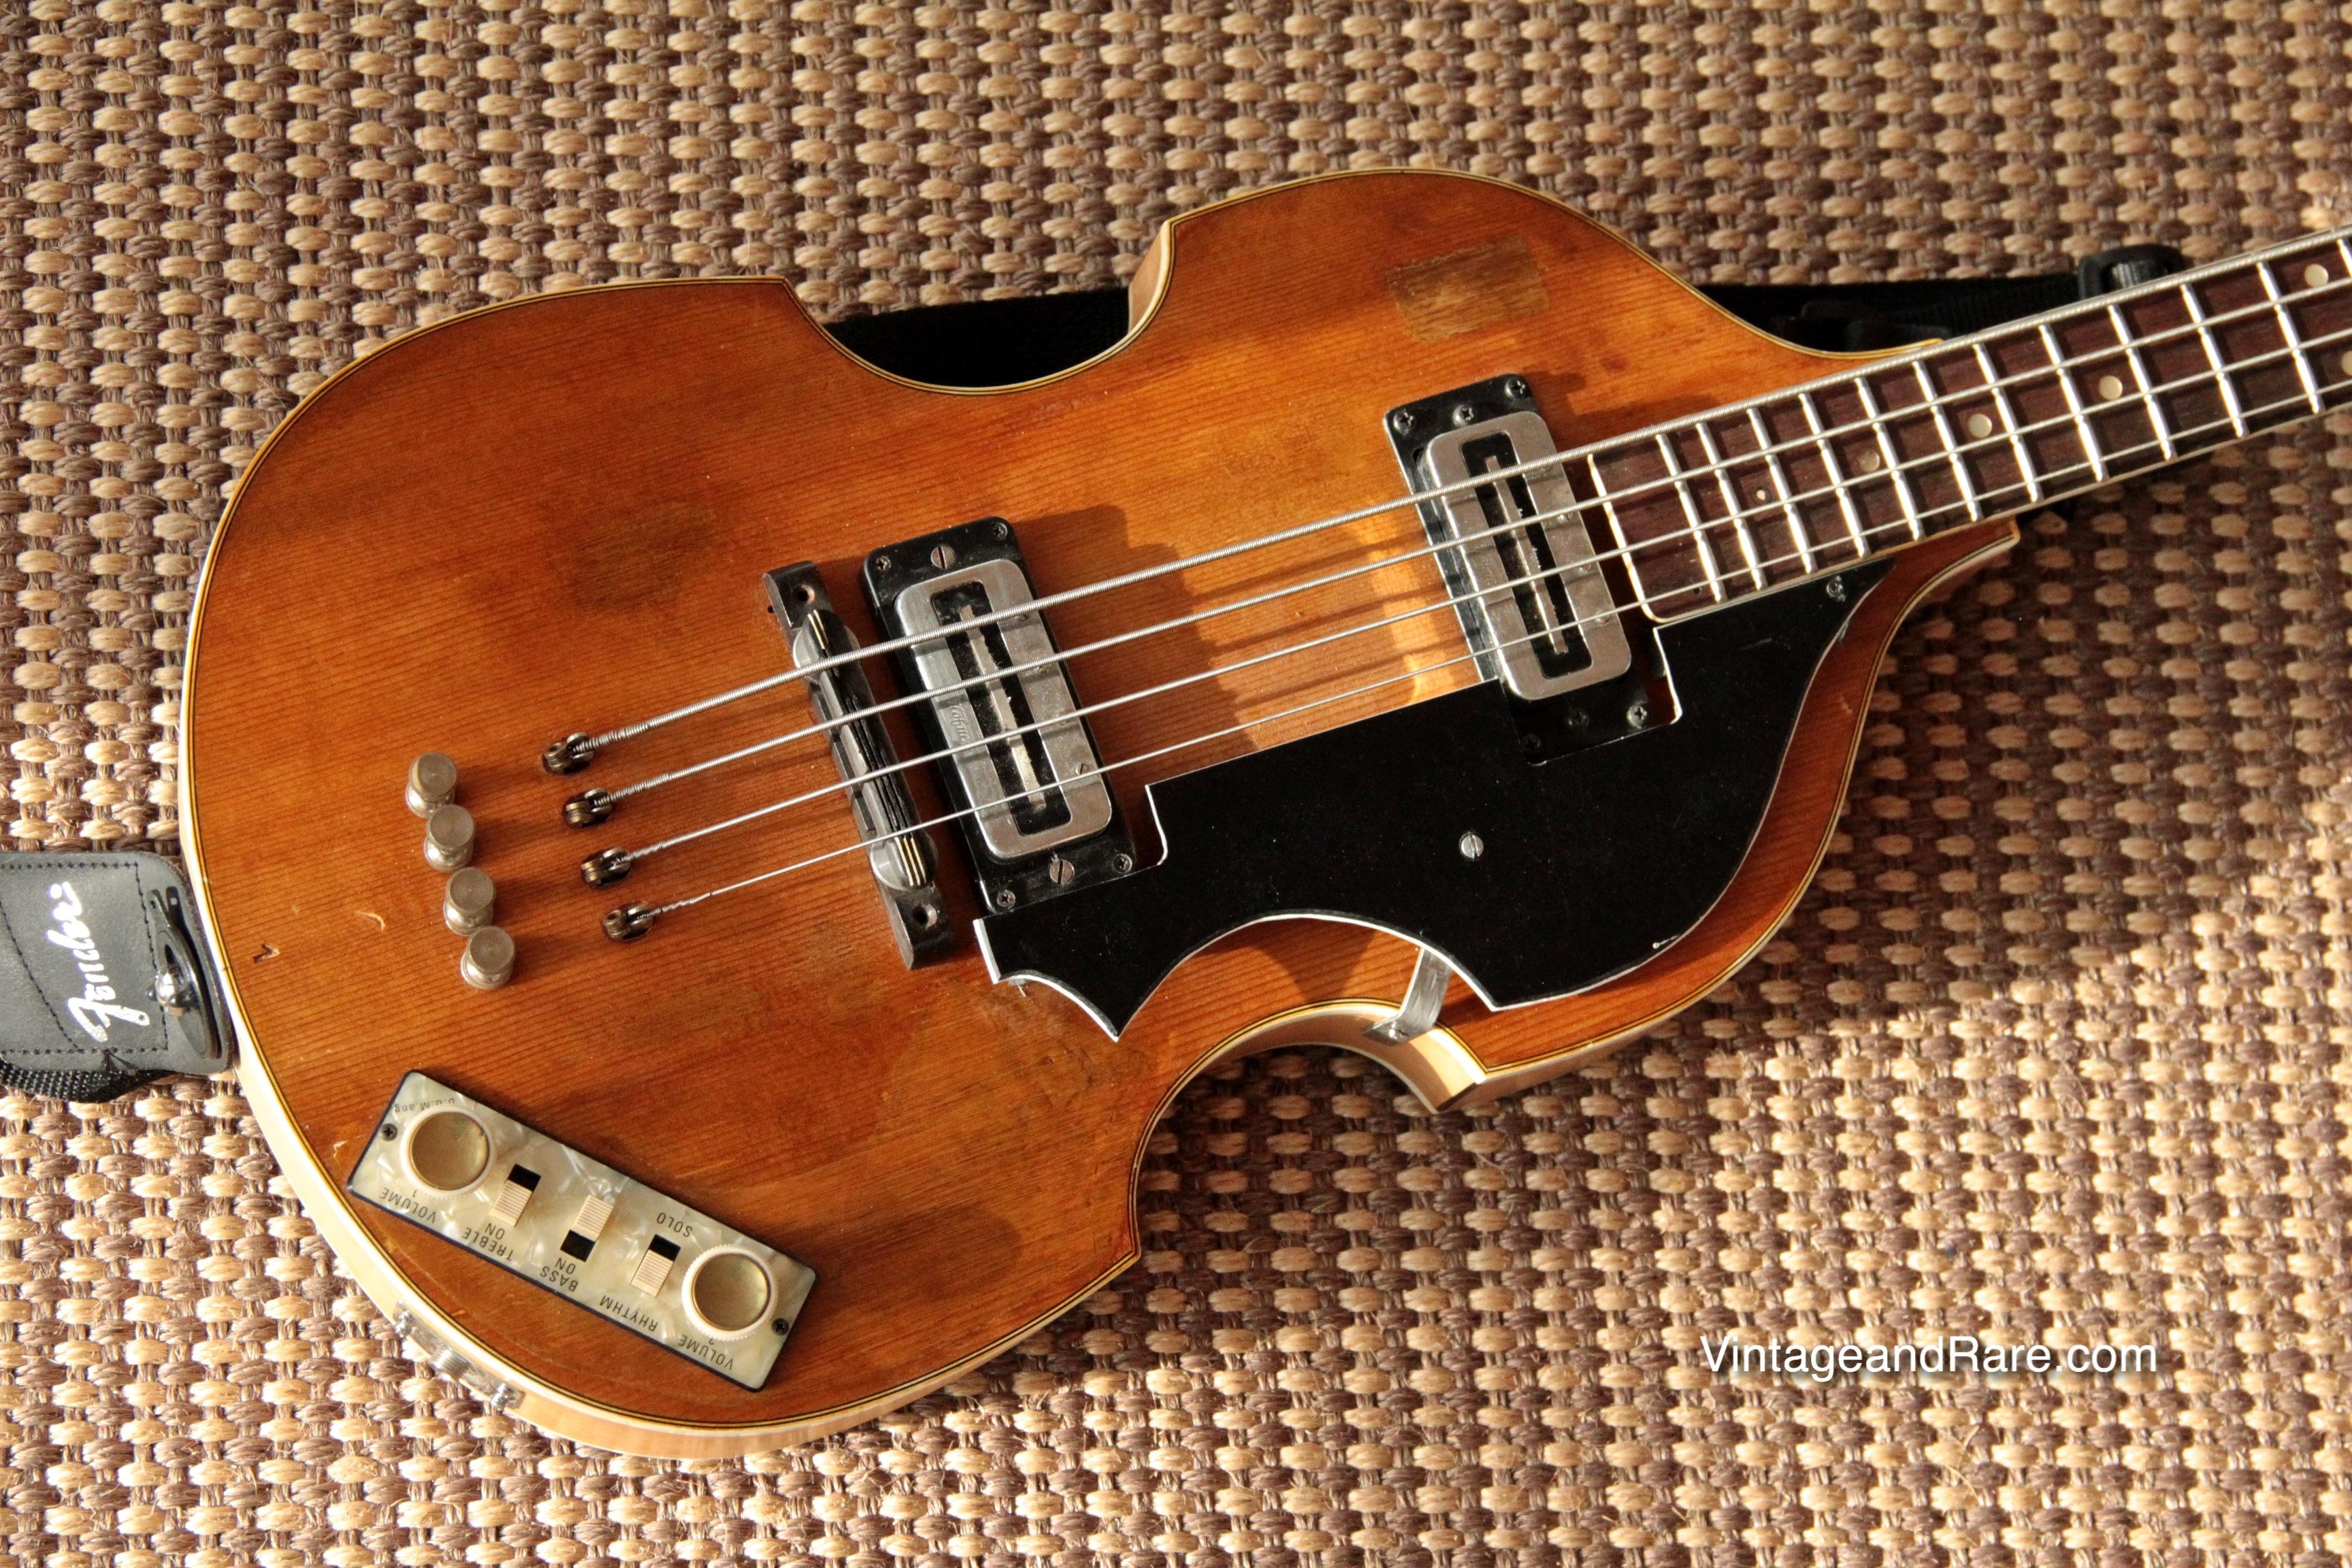 1967 hofner violin bass